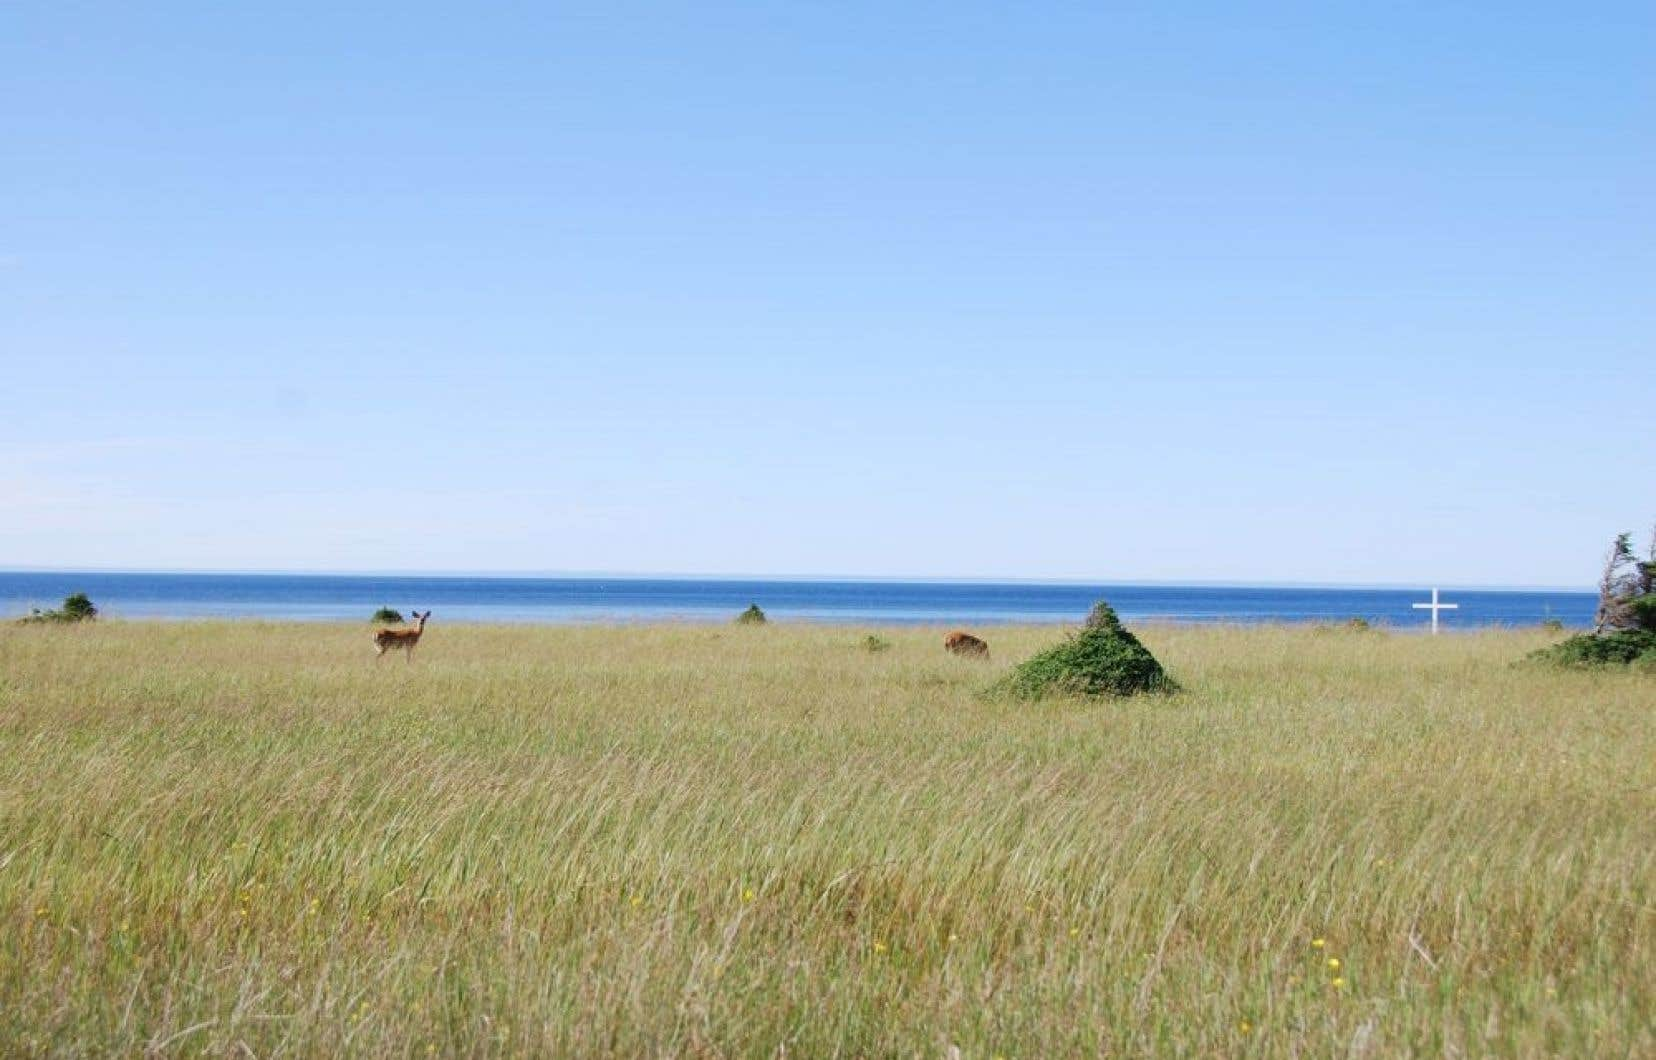 « Le tourisme, c'est la voie de l'avenir », dit une résidante de l'île. Mais un autre tourisme que celui de la SEPAQ, un tourisme d'aventure et de contemplation pour les amants de la nature épris de beauté.